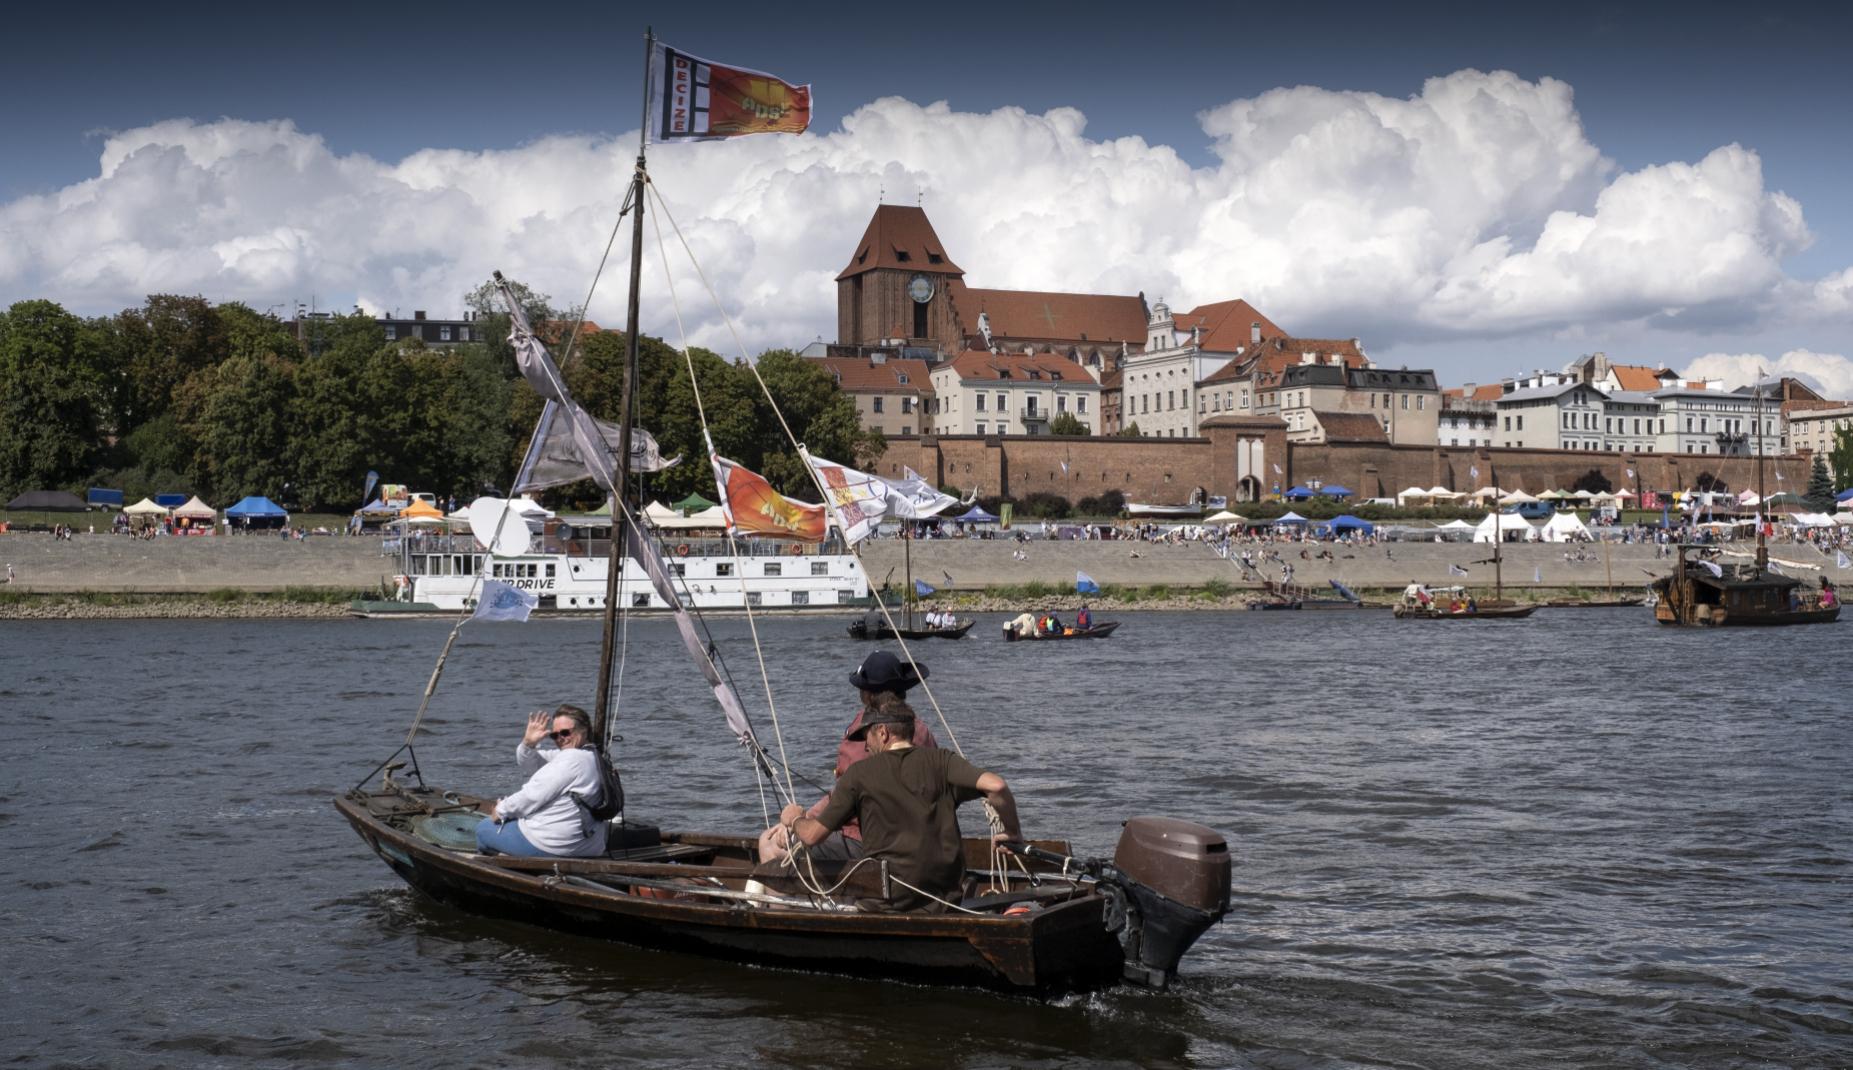 zdjęcie z ubiegłorocznego festiwalu, fot. Wojtek Szabelski